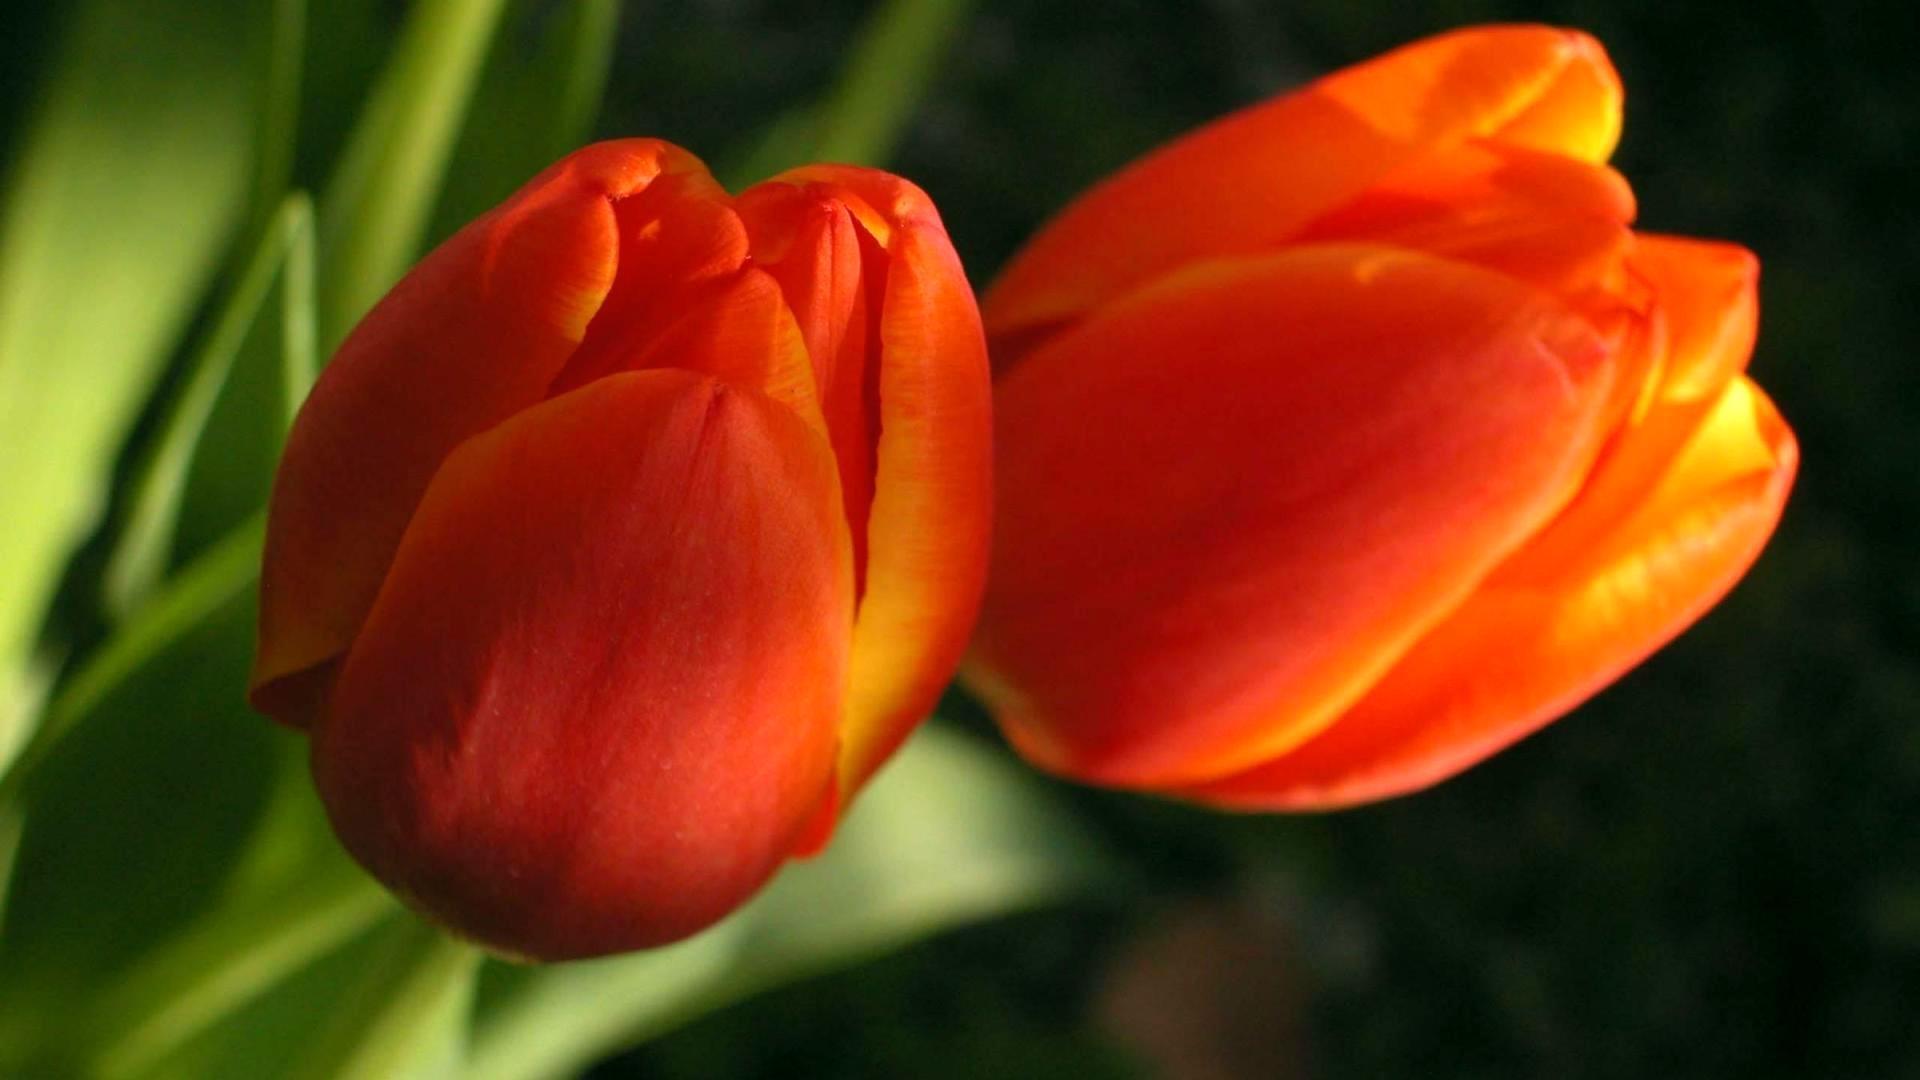 Fond D Ecran Tulipes Fleur Deux Tulipe Petale Bourgeons Plante Terrestre Plante A Fleurs Photographie Macro Tige De Plante Famille Lily Herbes 1920x1080 Coolwallpapers 726017 Fond D Ecran Wallhere